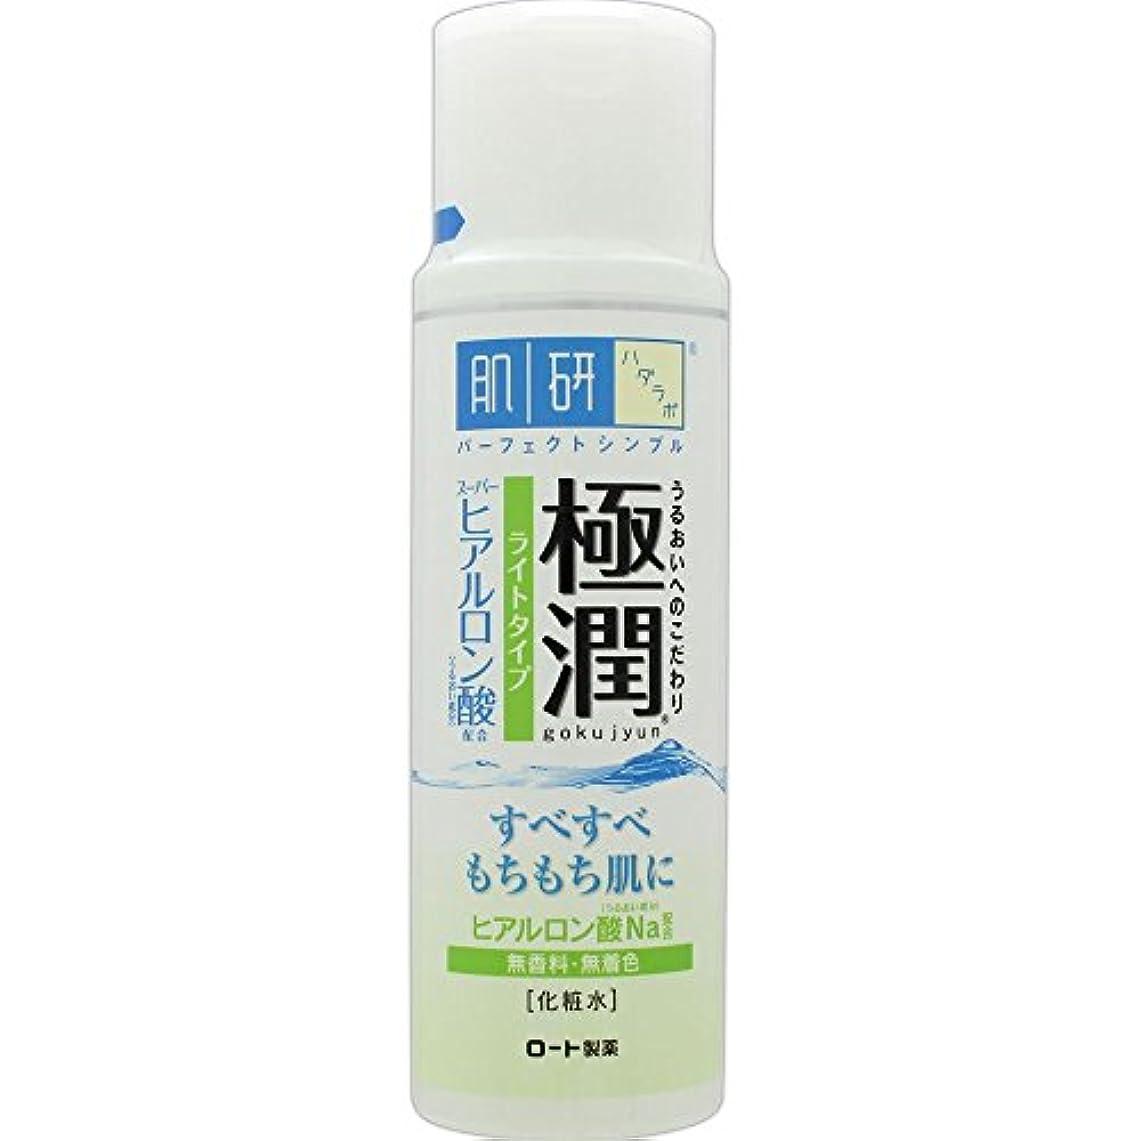 適応するフィクションテレマコス肌研(ハダラボ) 極潤 ヒアルロン液 ライトタイプ 170mL